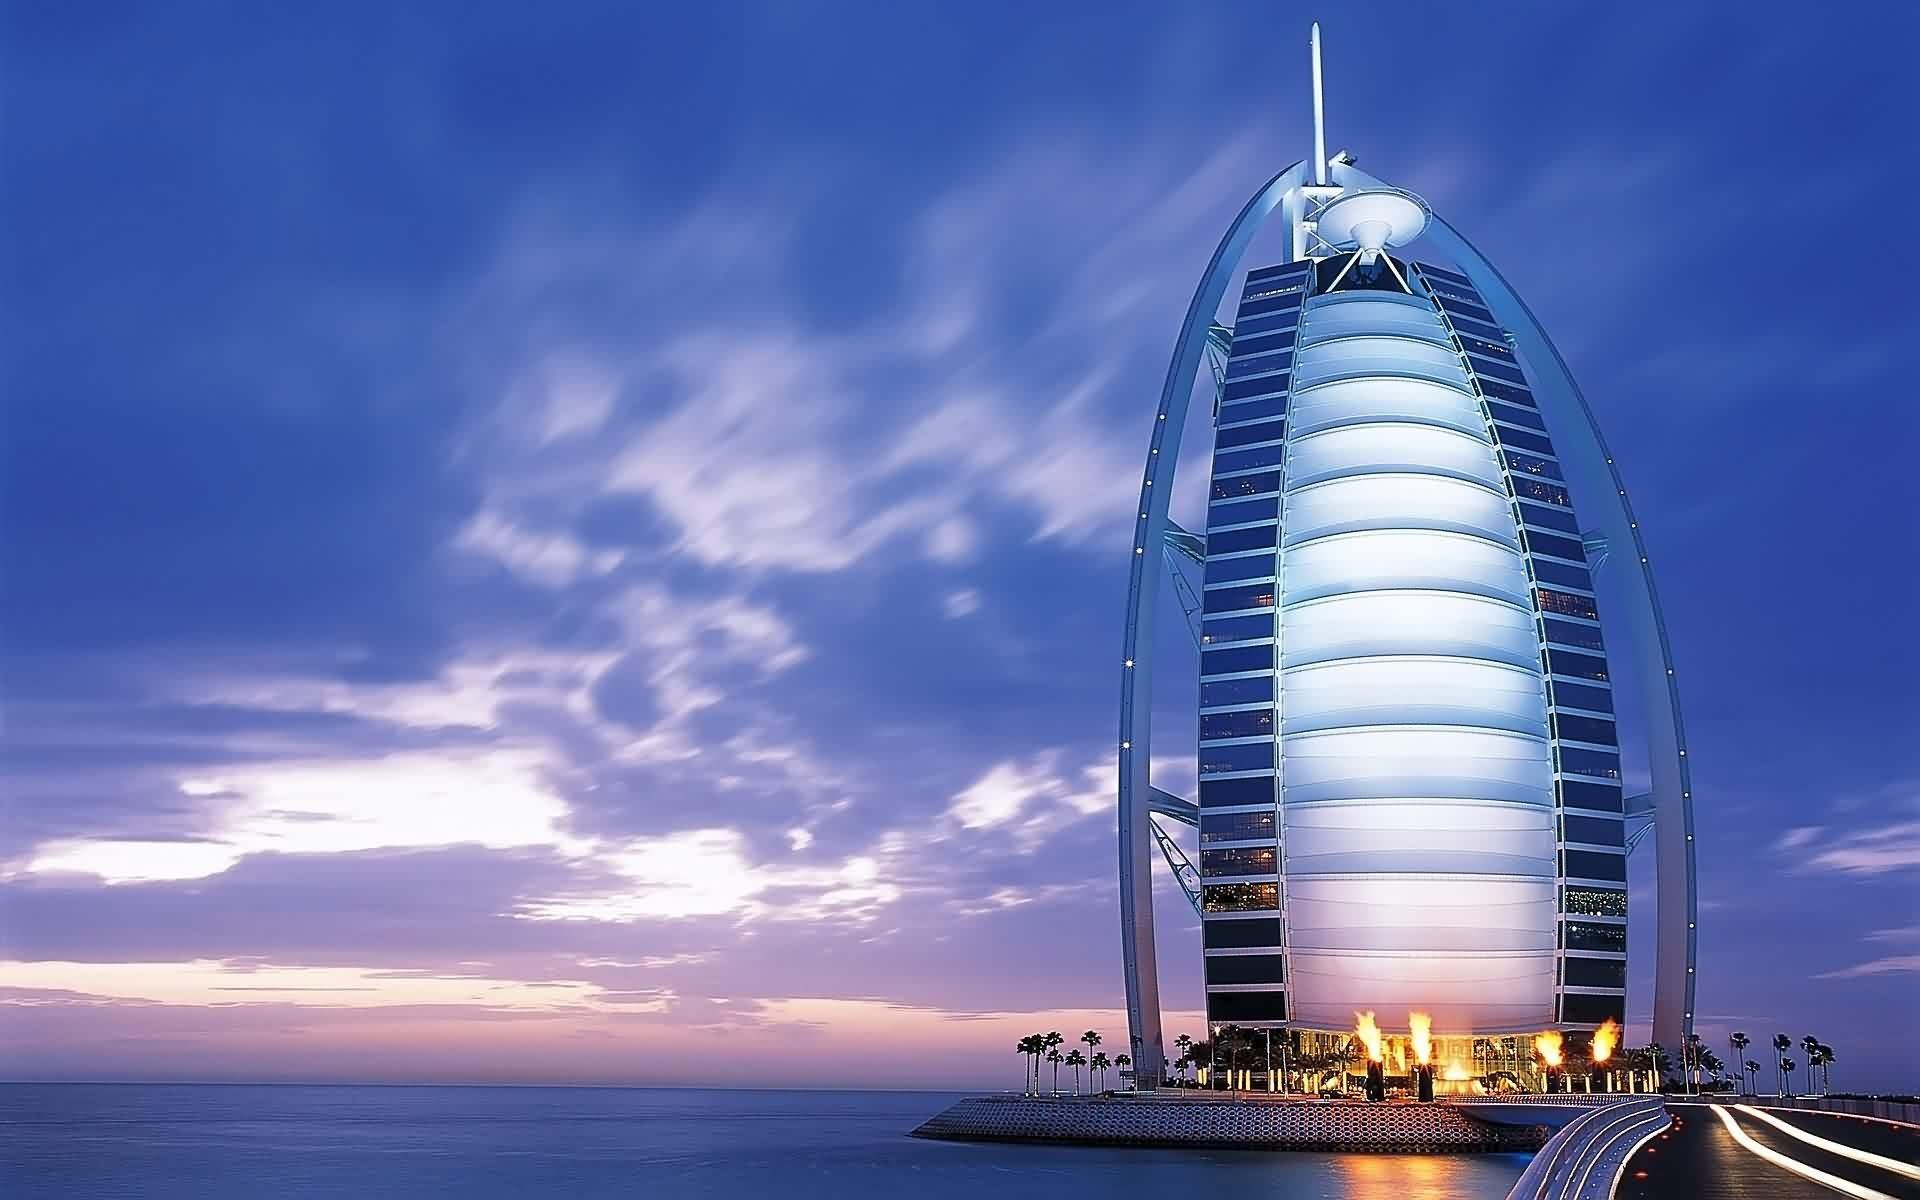 صور اماكن سياحية في دبي للعائلات , اجمل الاماكن السياحية في الامارات للتنزه العائلي